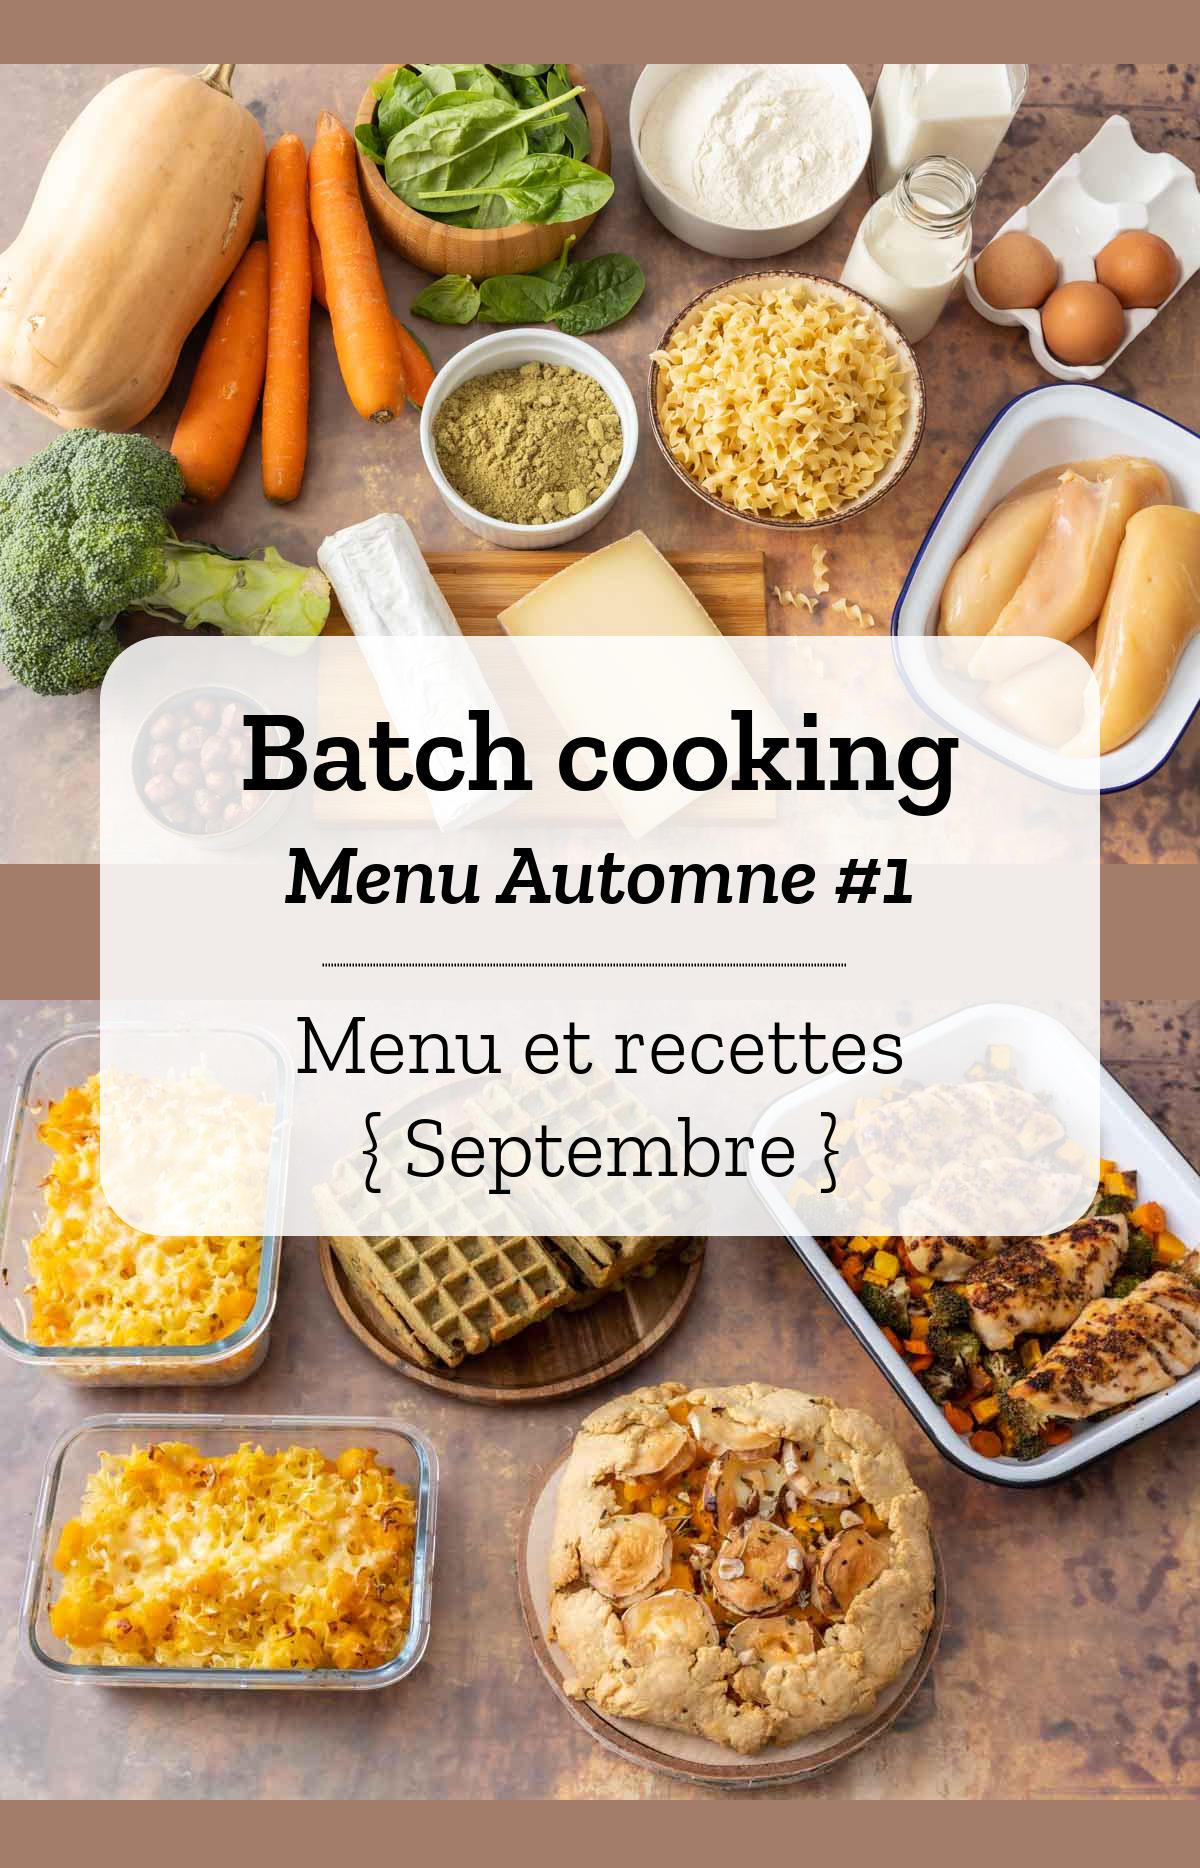 Batch cooking Automne #1 - Mois de Septembre - Semaine 39